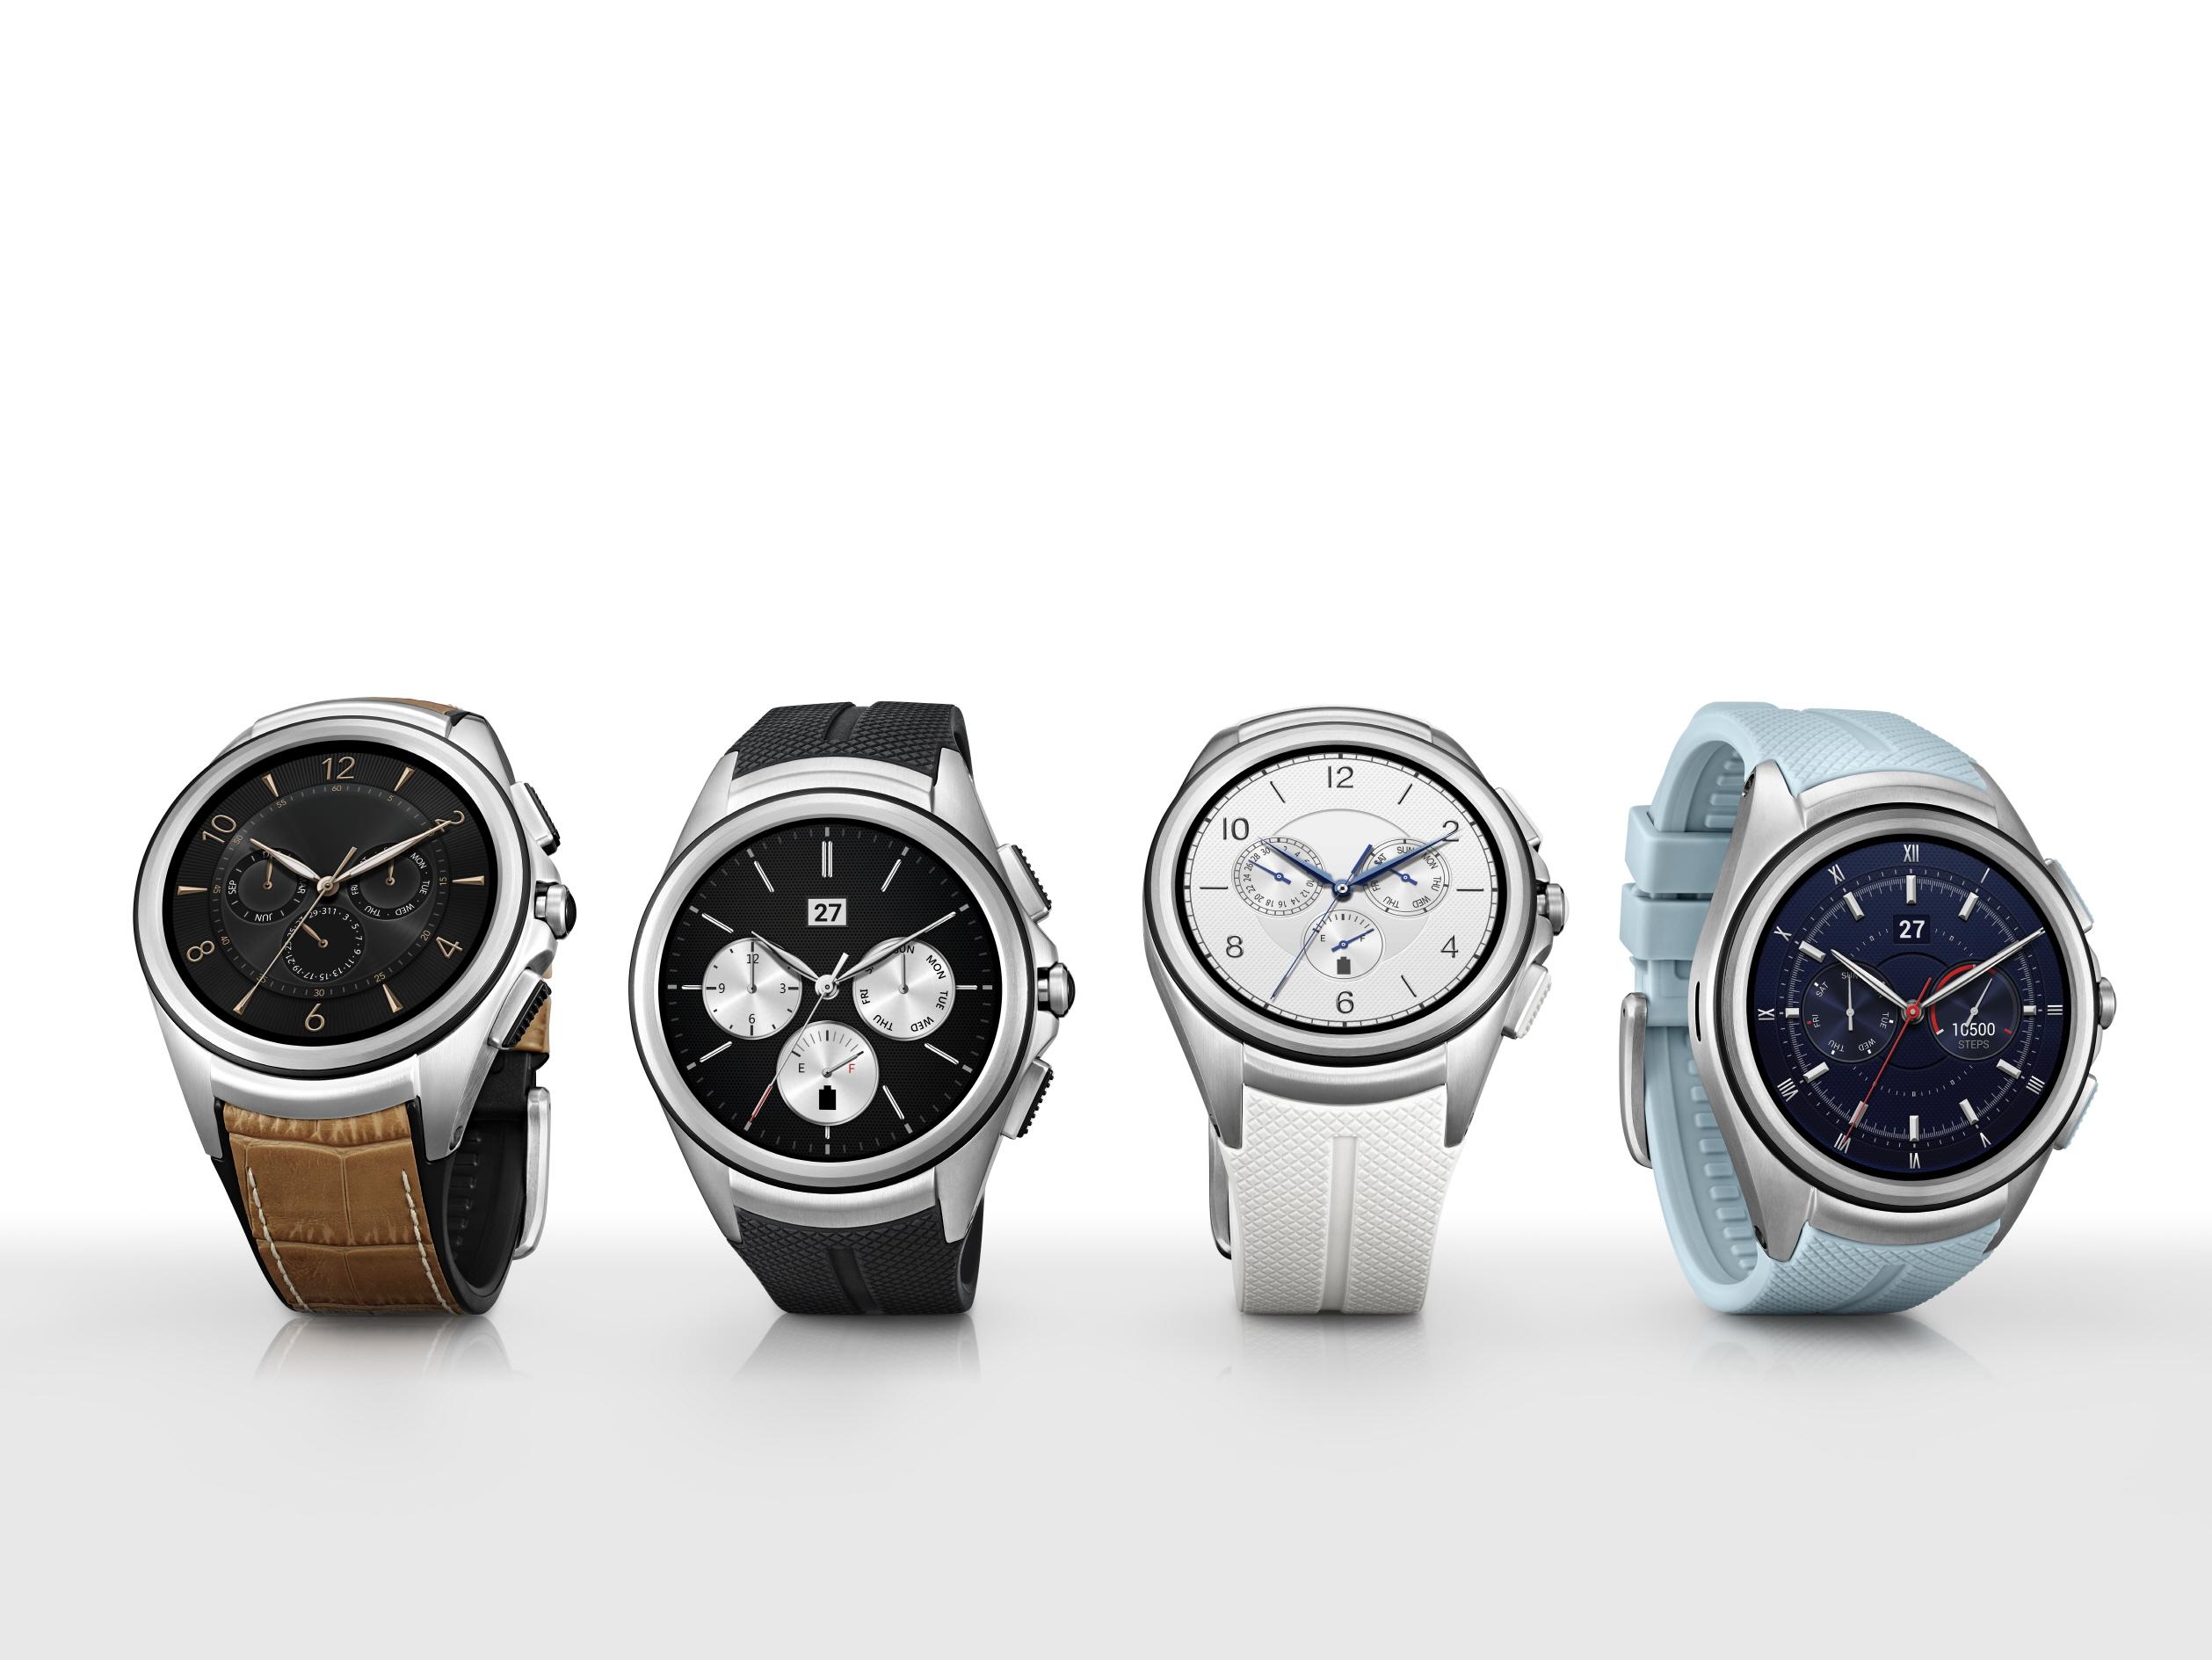 LG's New Watch Leaves Smartphones Behind